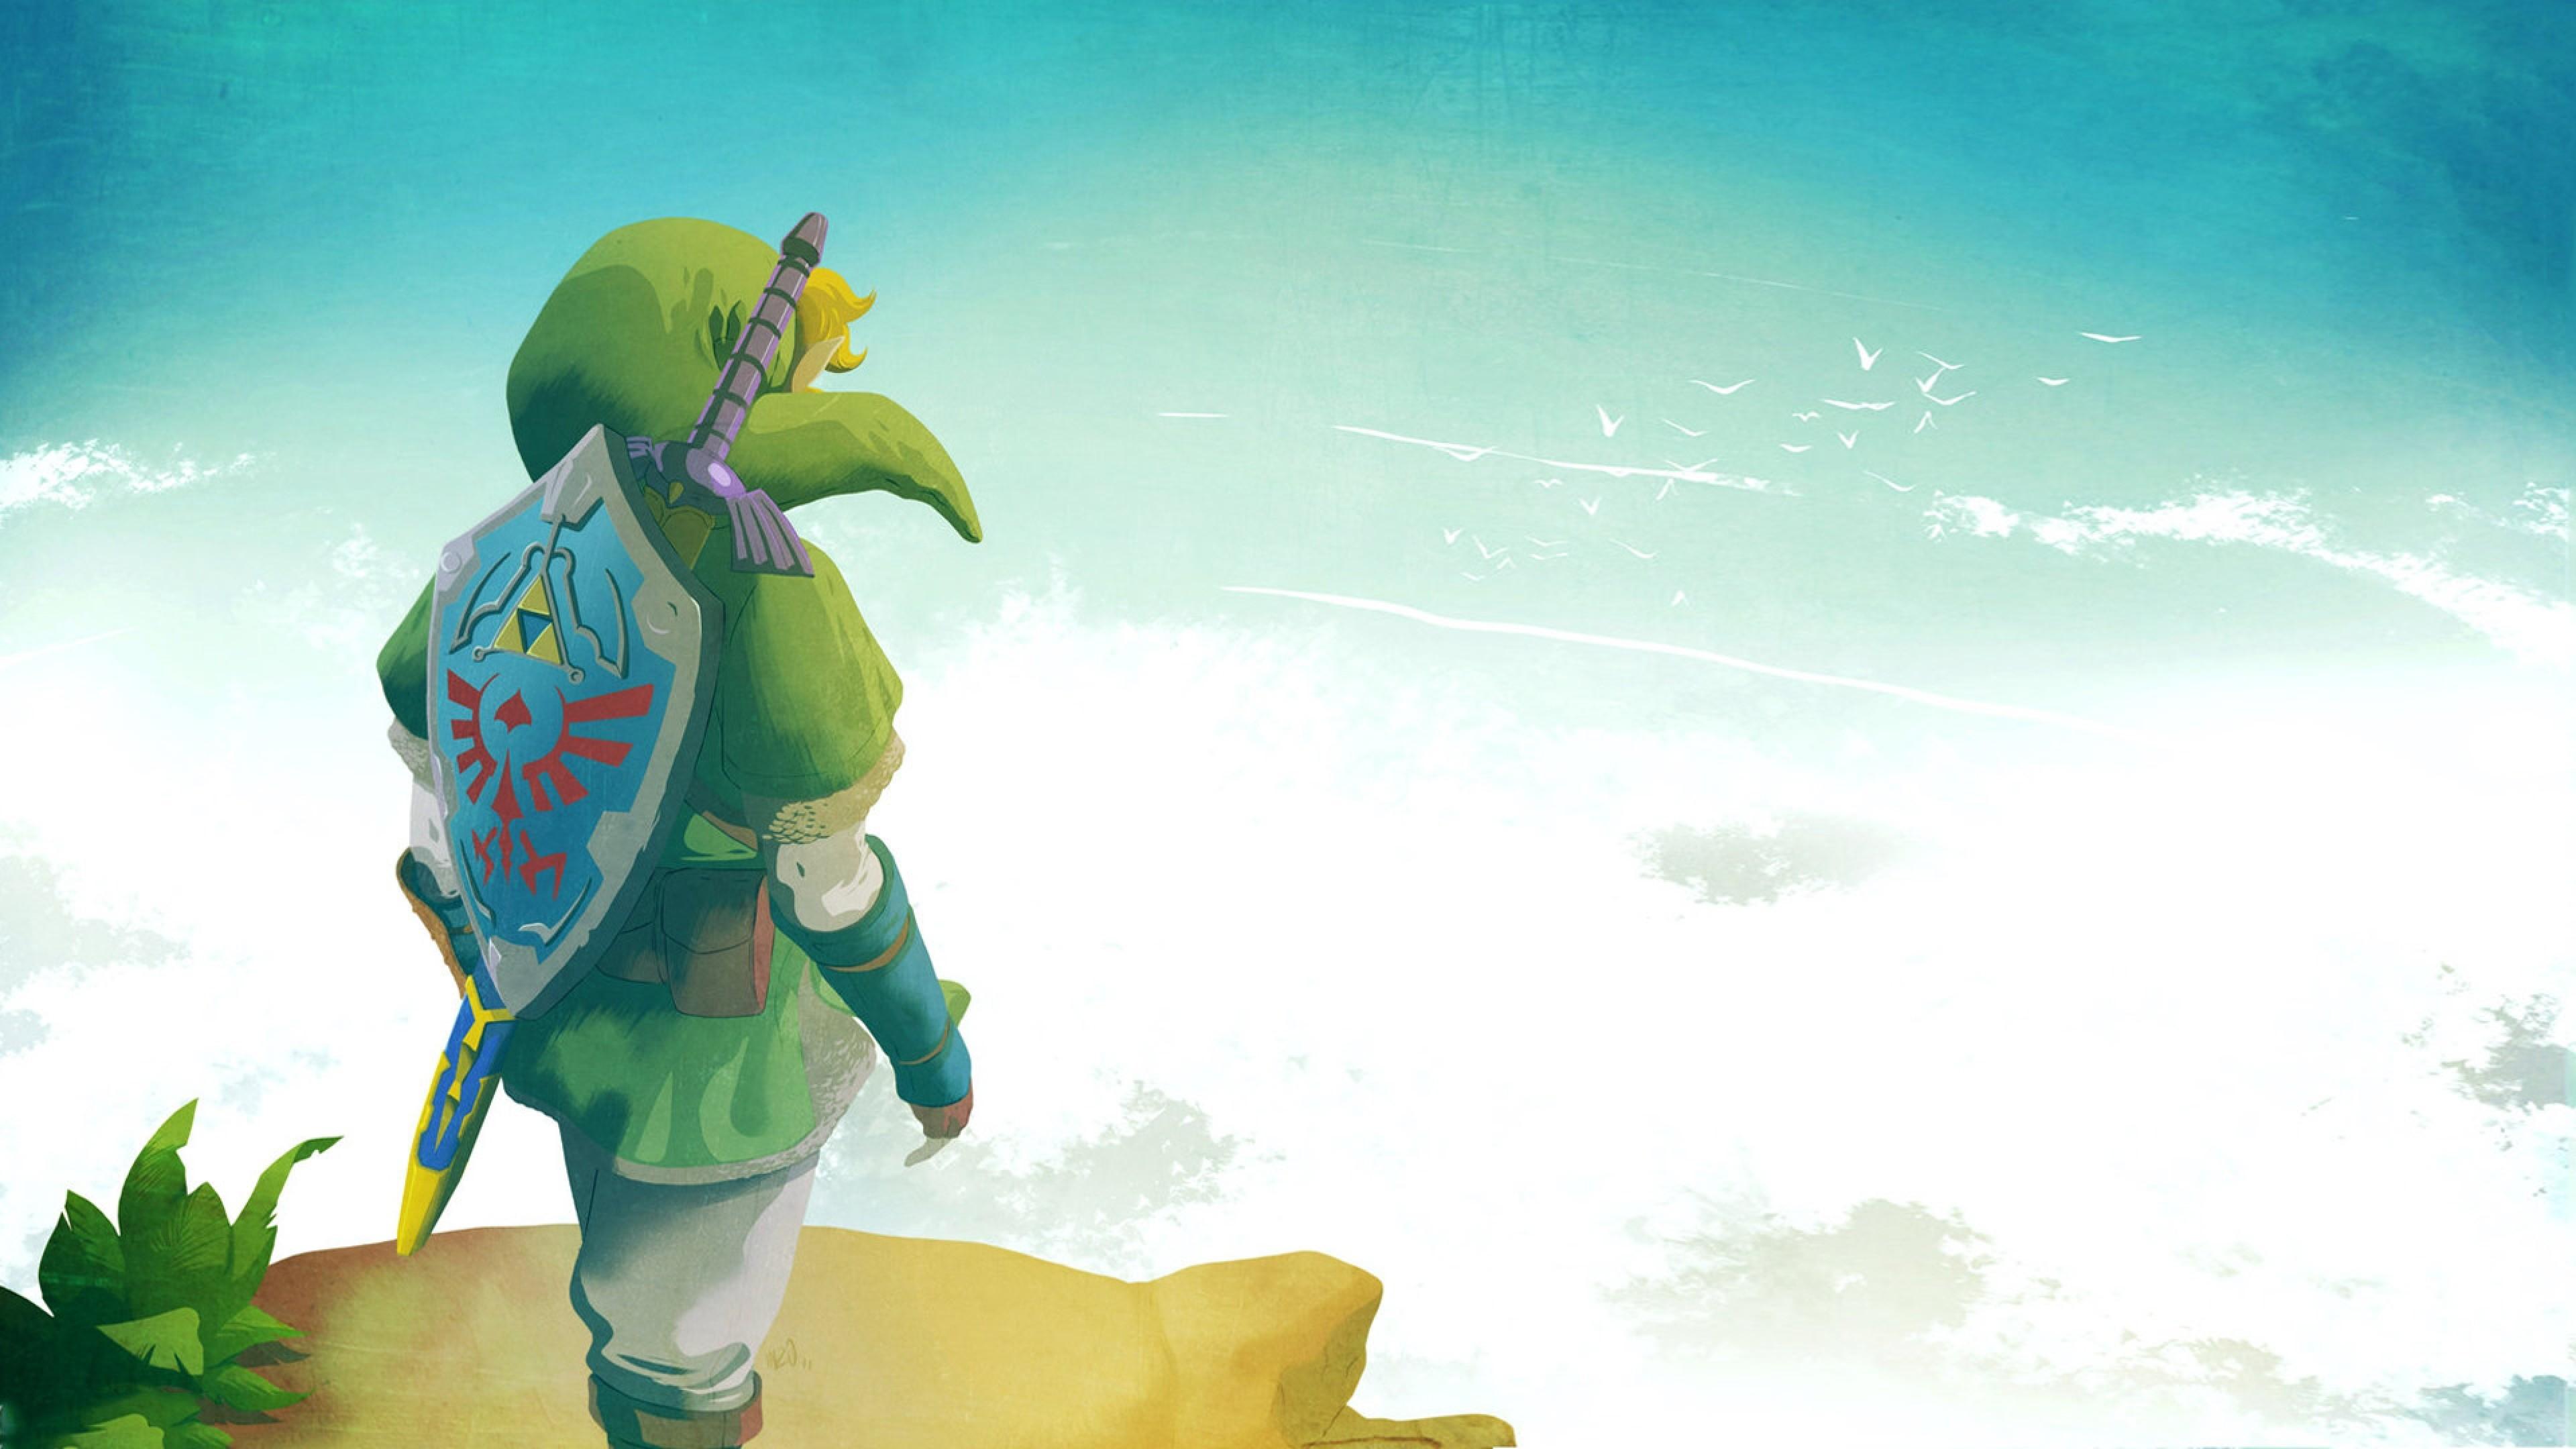 Legend Of Zelda Breath Of The Wild Wallpaper Hd Zelda 4k Wallpaper 67 Images